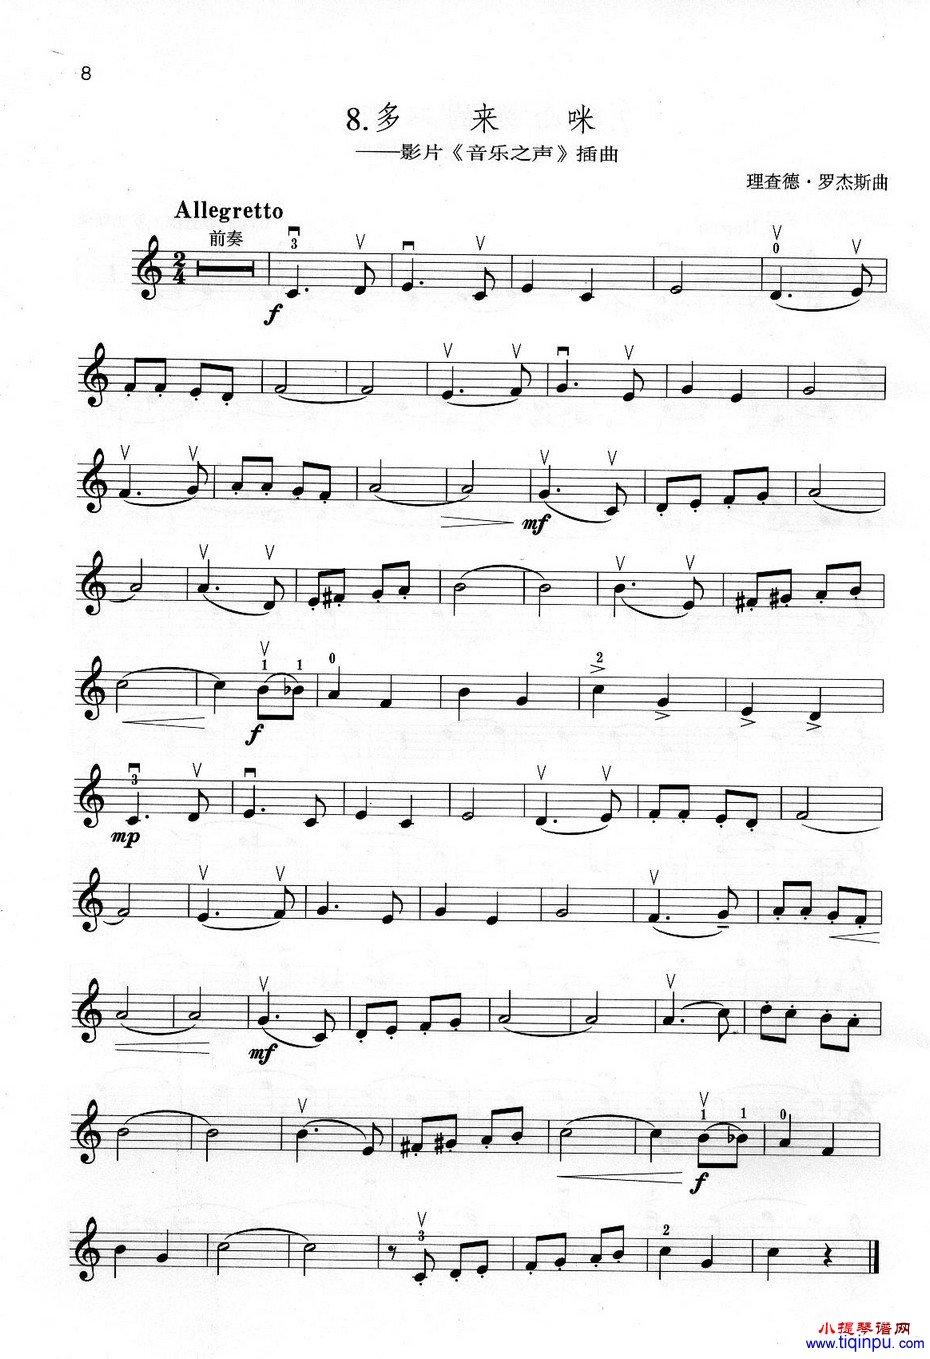 求助 音乐之声钢琴 哆来咪伴奏曲